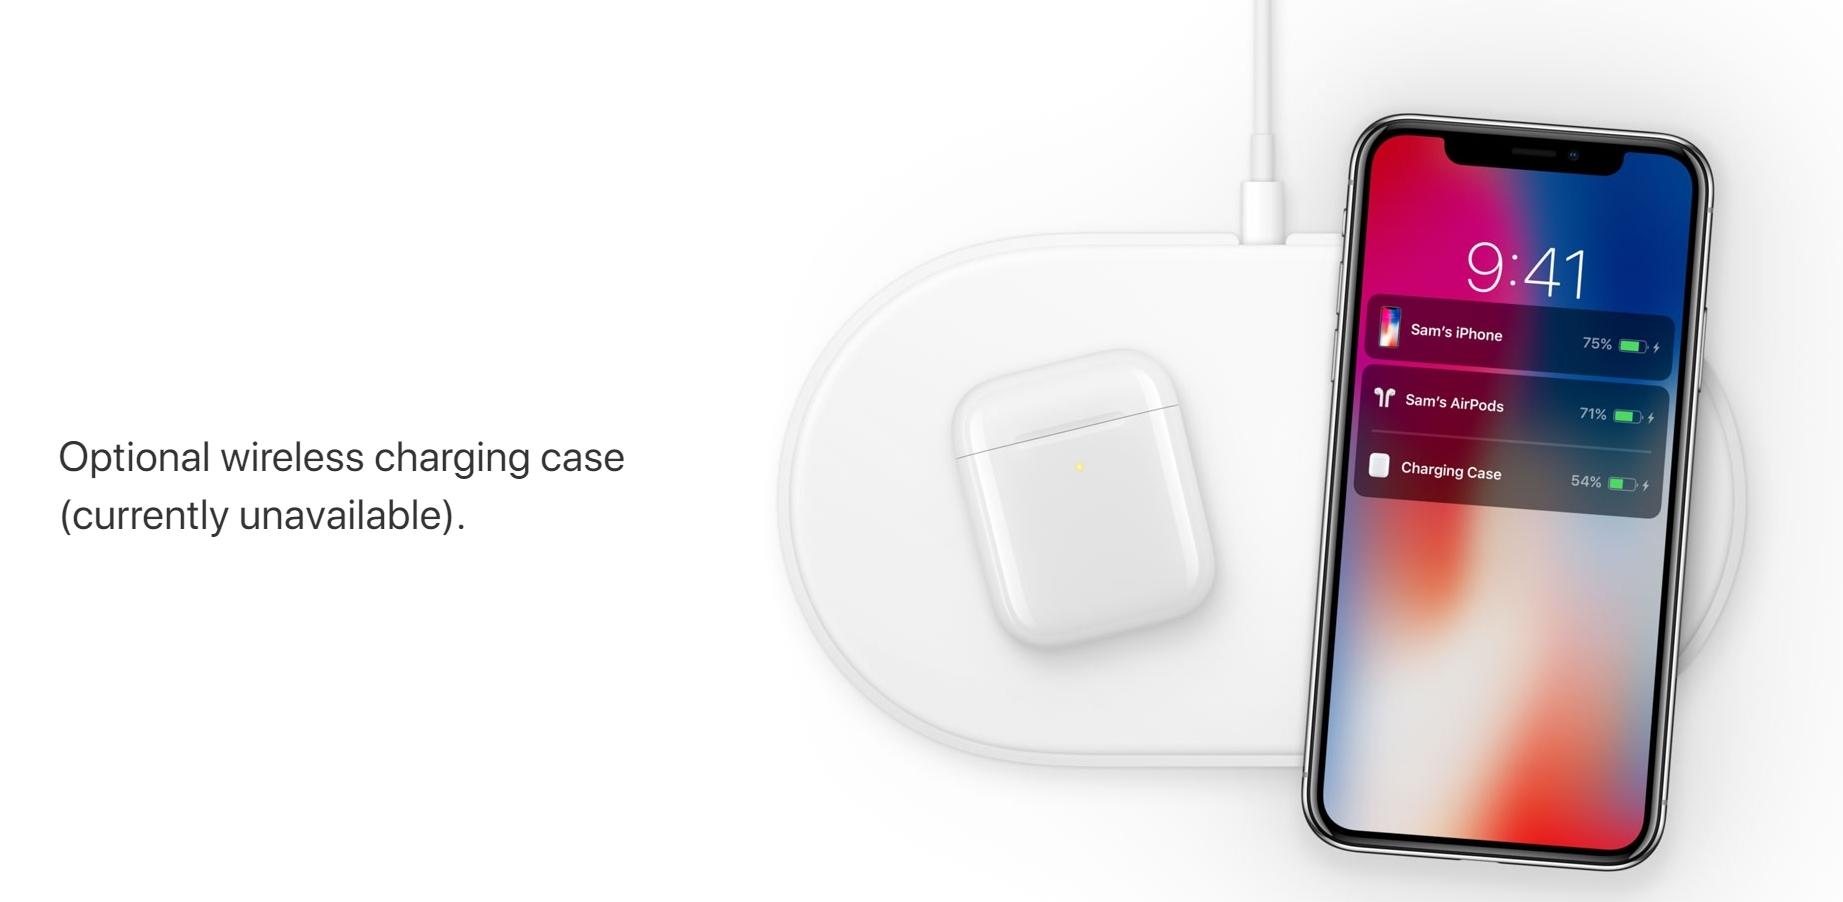 Dette er den stusselige meldingen fra Apple.